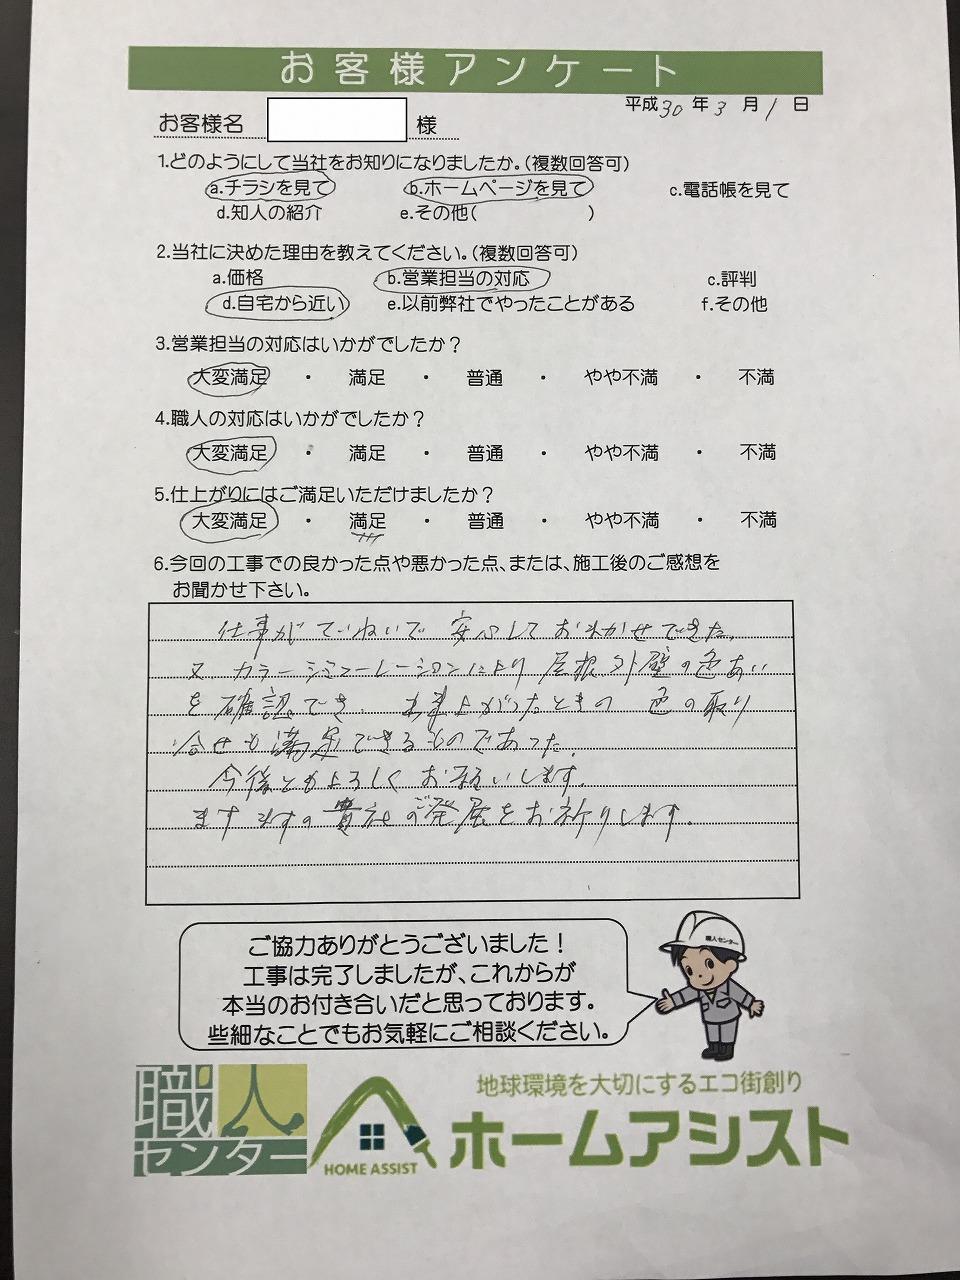 堀井様アンケート